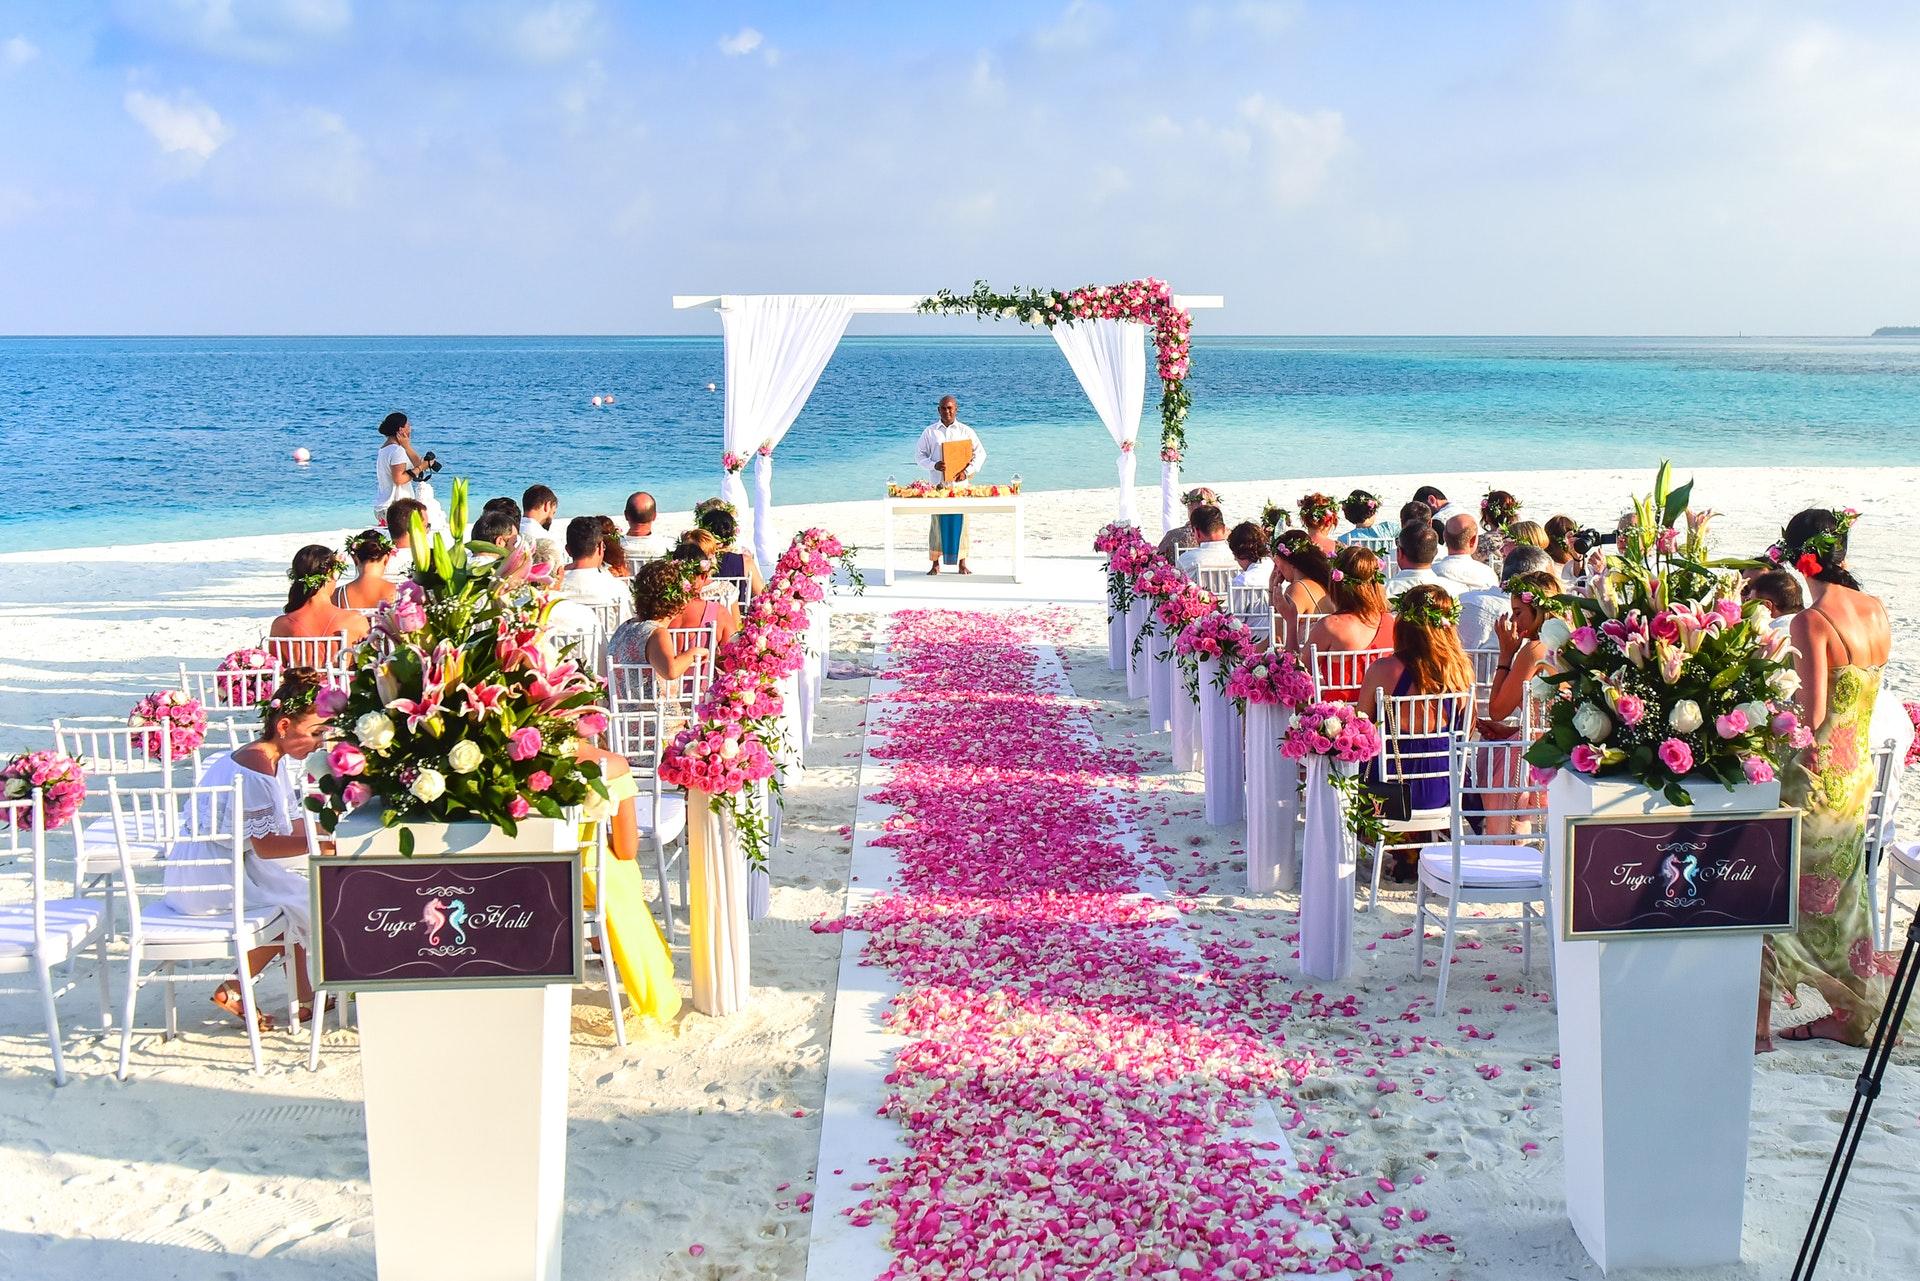 プロポーズ から 結婚式 まで 段取り 挙式 決める